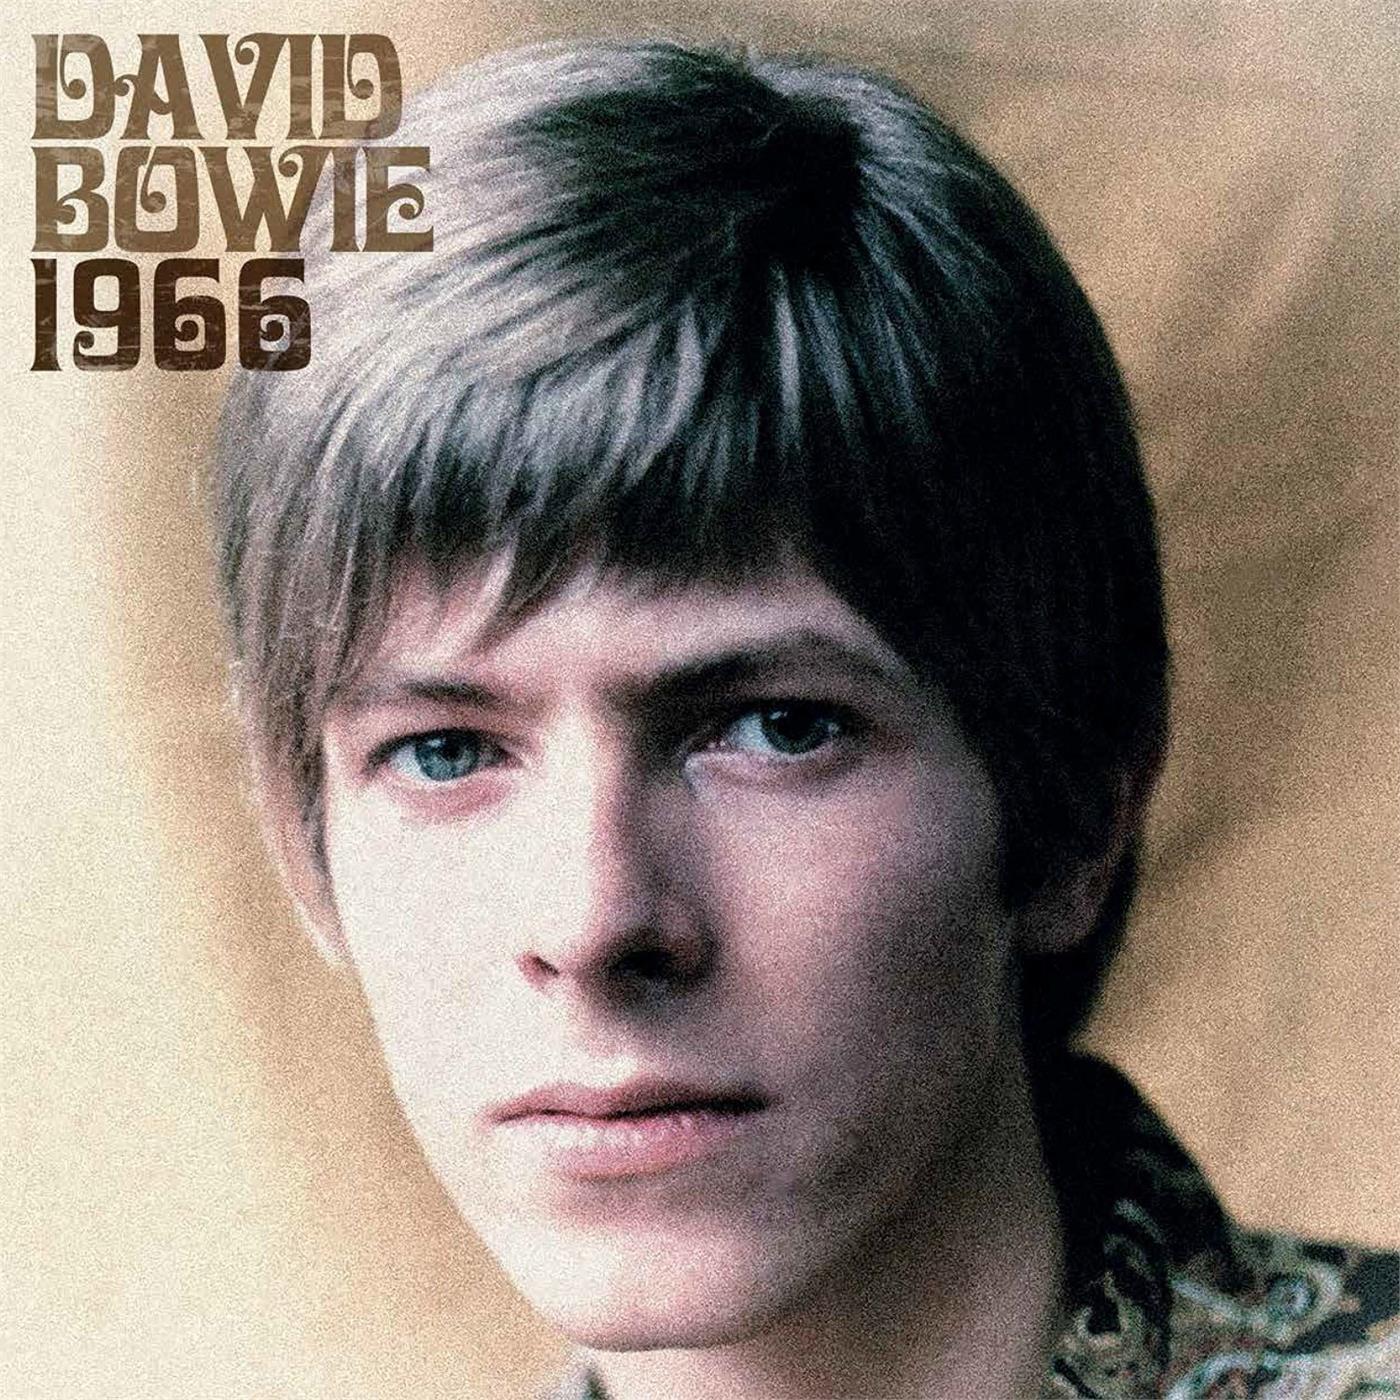 David Bowie - 1966 [LP]